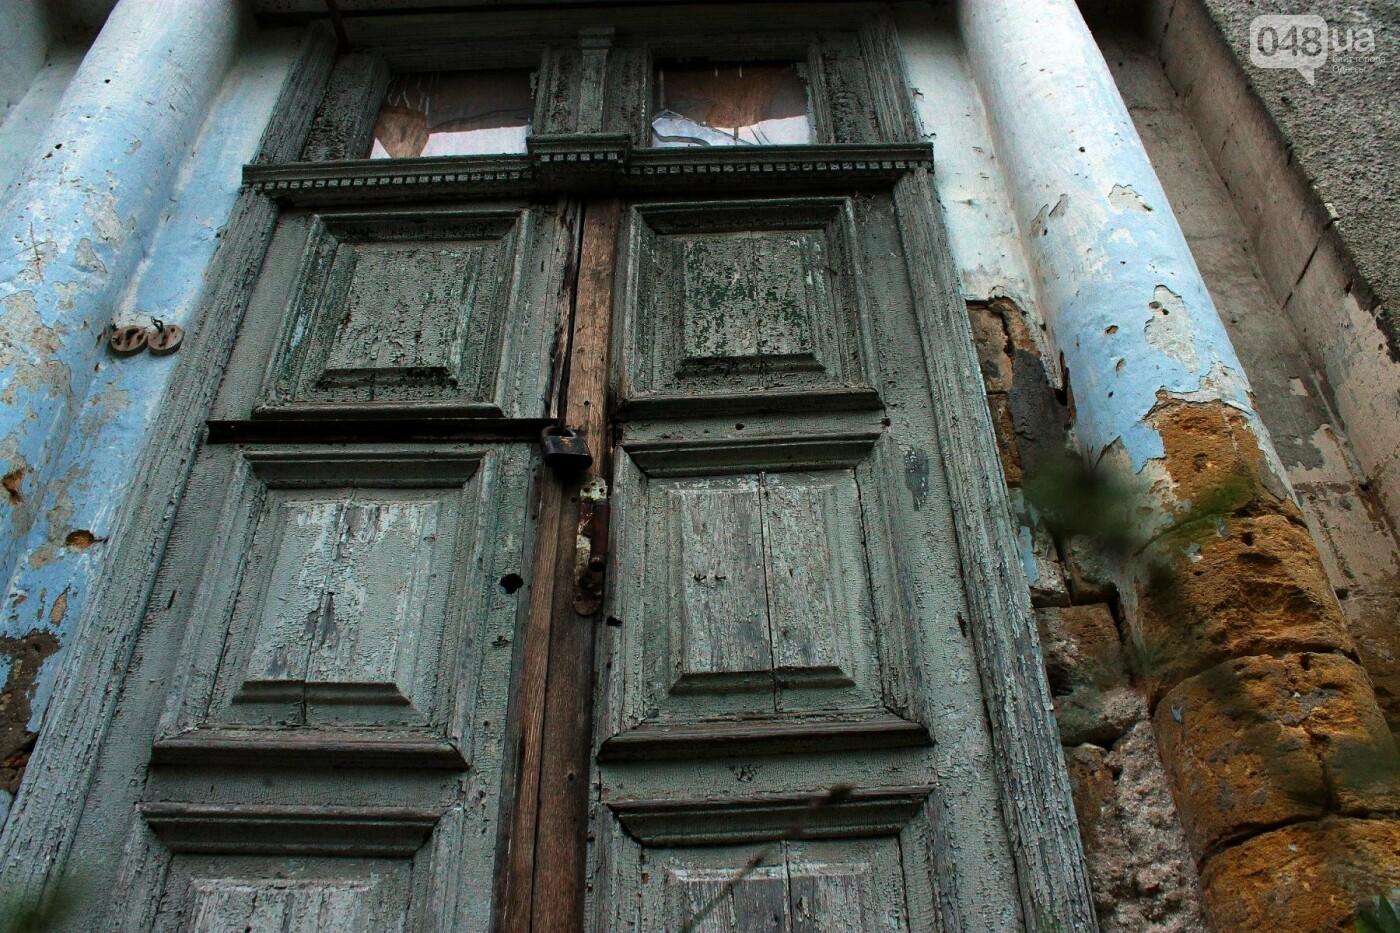 Одесса, которую мы теряем: санаторий им. Чкалова (ФОТОРЕПОРТАЖ), фото-6